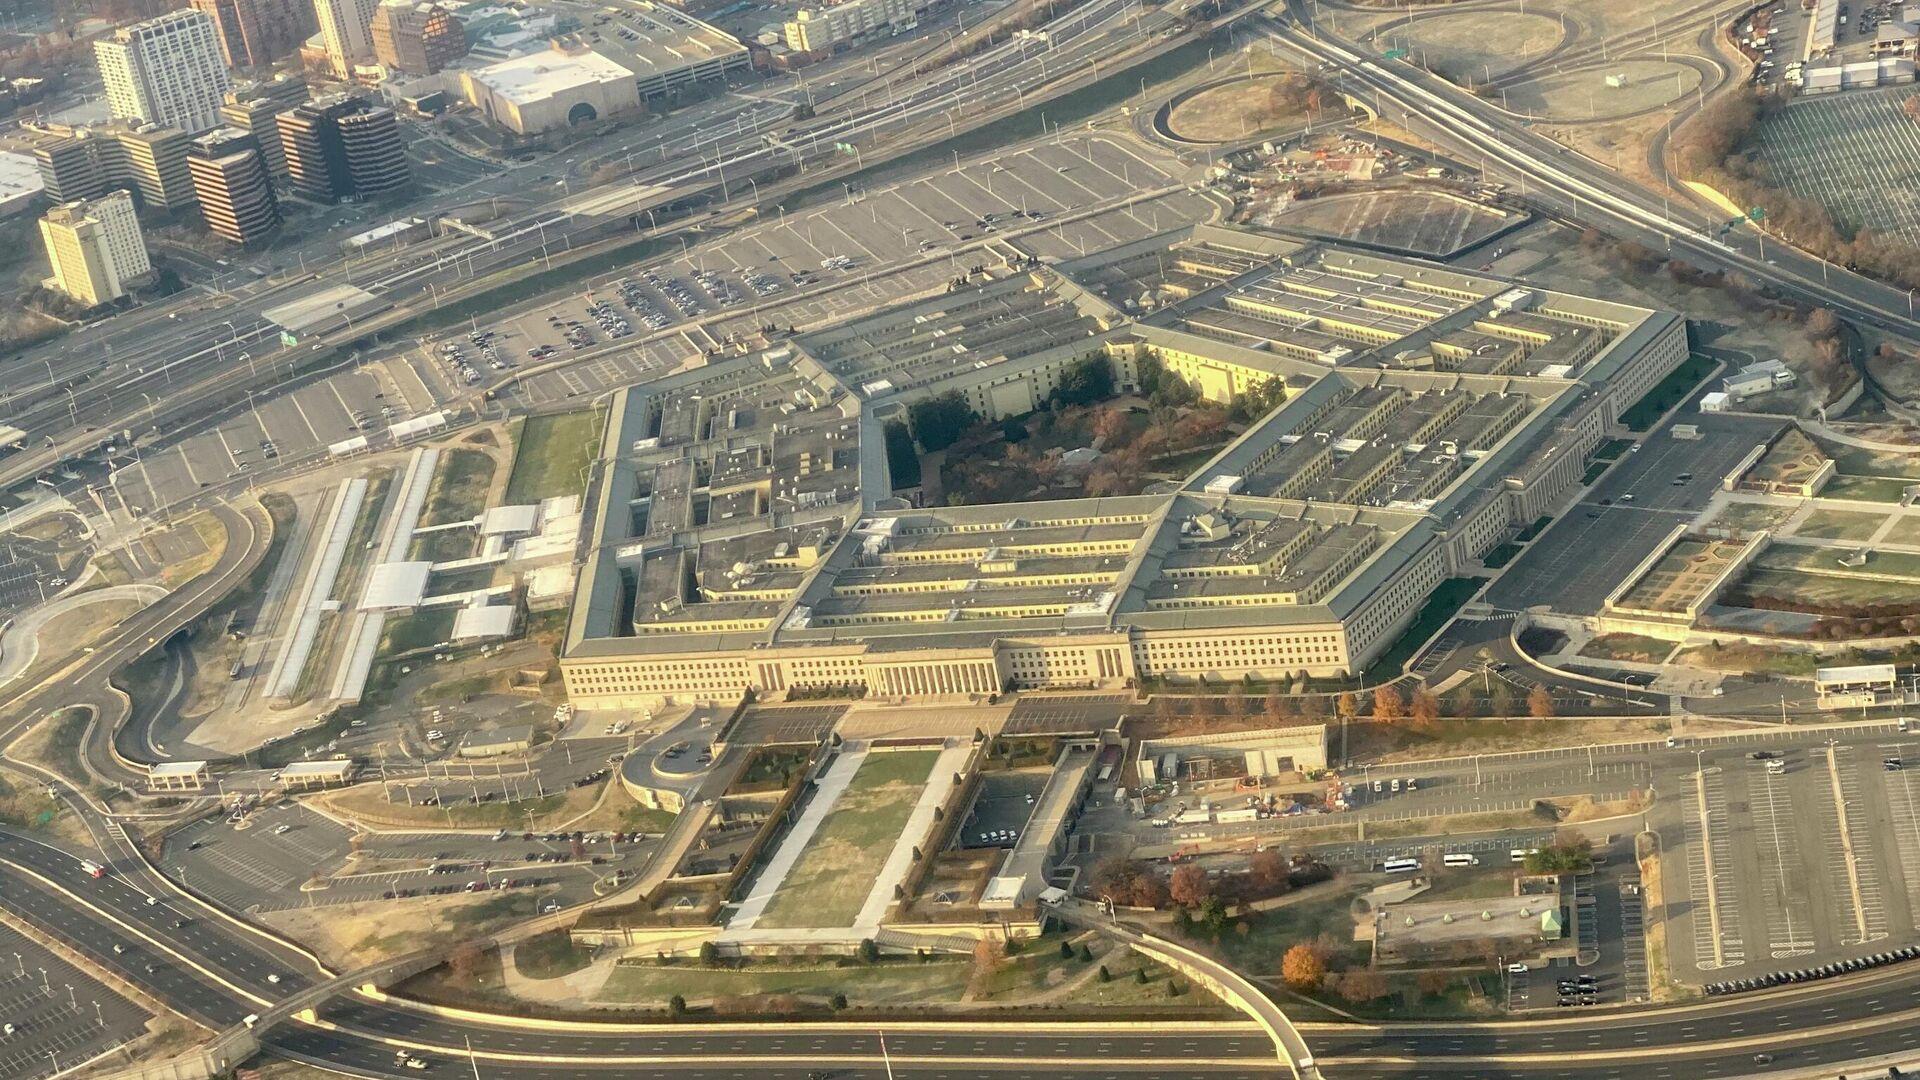 Пентагон, штаб-квартира Министерства обороны США, расположенный в округе Арлингтон, через реку Потомак от Вашингтона, округ Колумбия - Sputnik Таджикистан, 1920, 03.08.2021